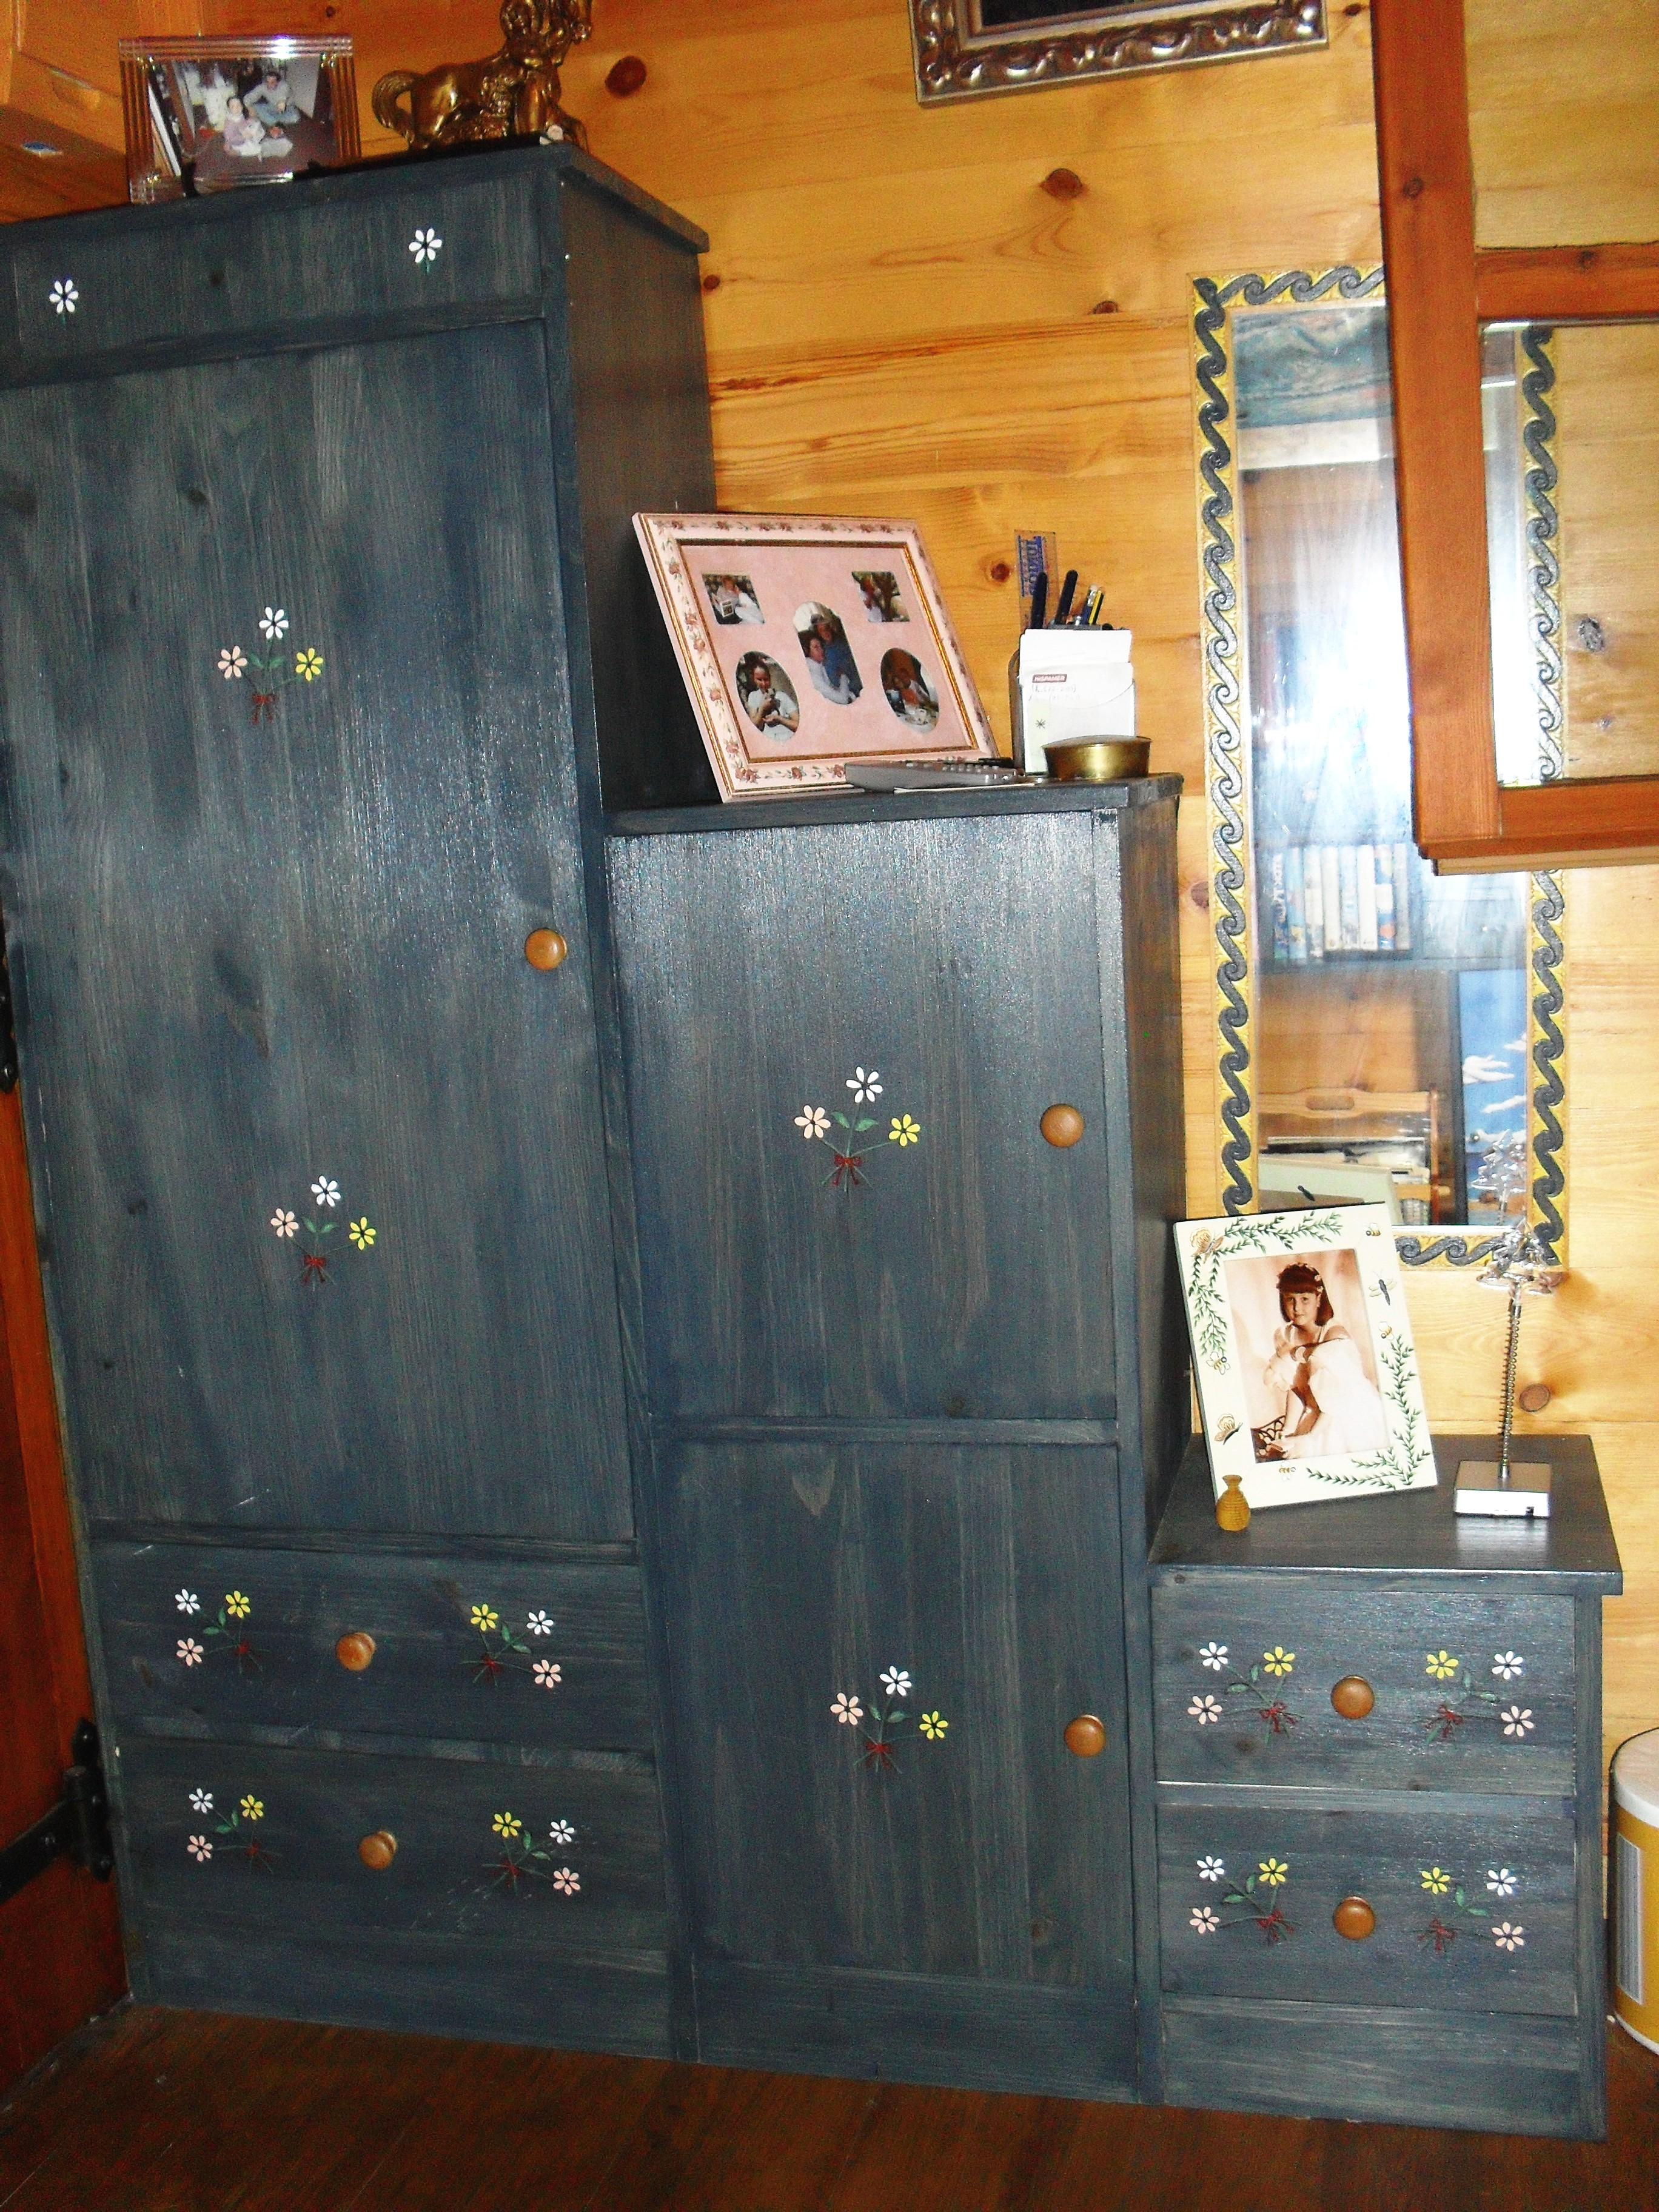 Varios muebles realizados en madera de pino, pintados en azul